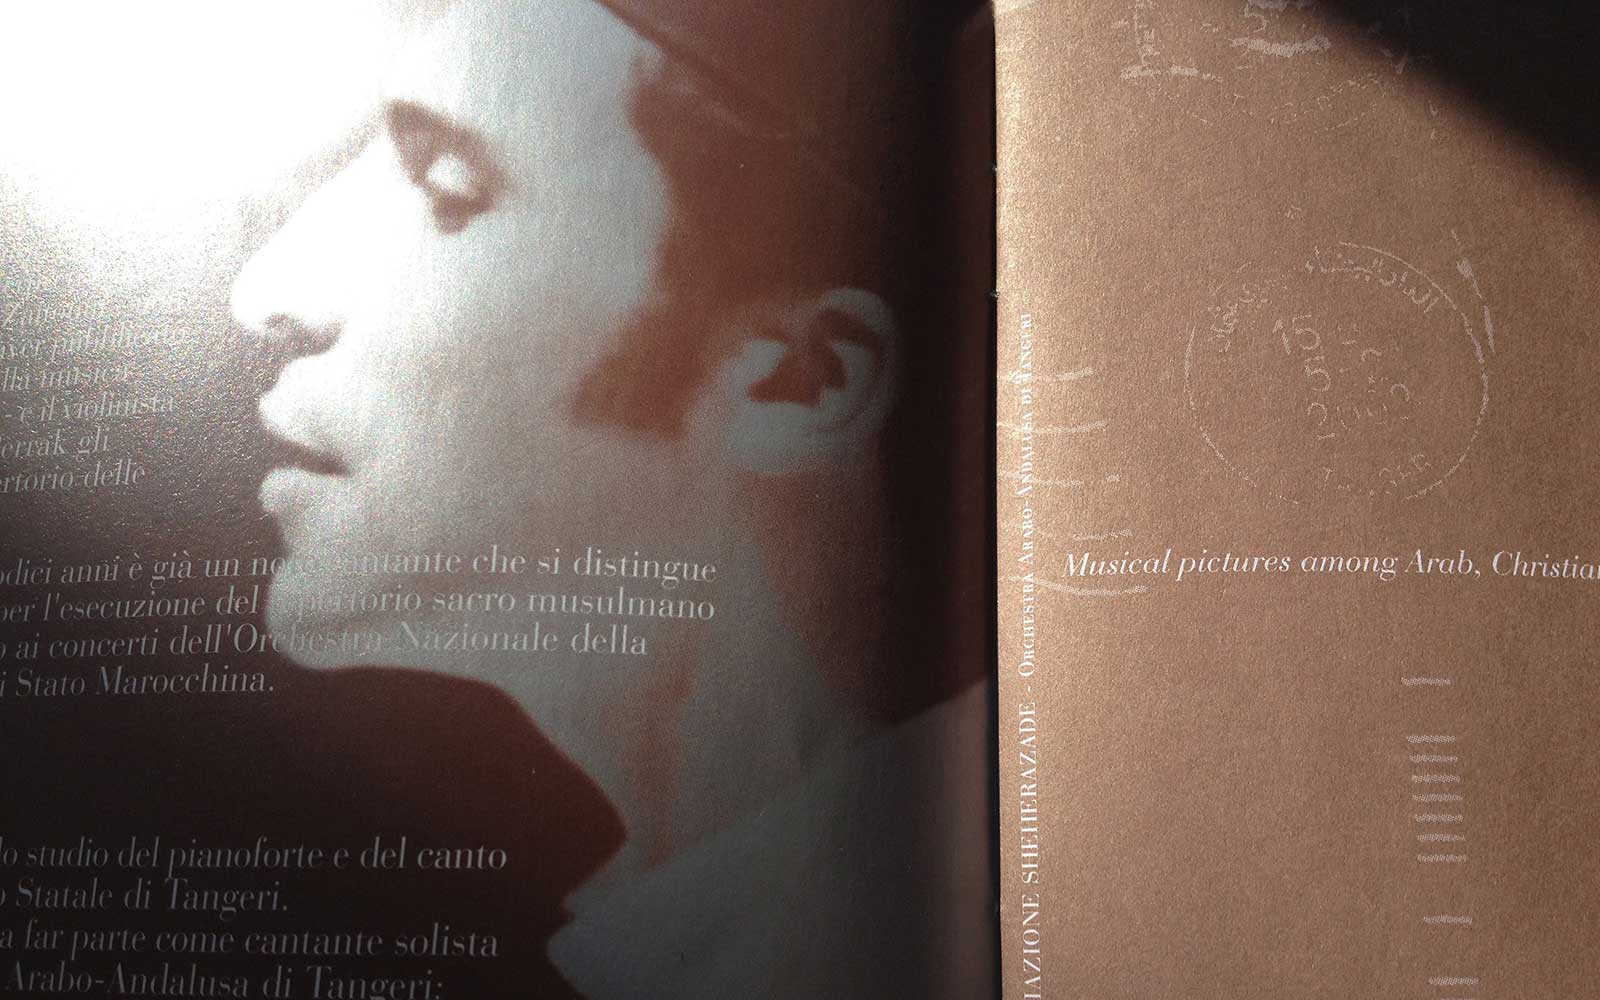 CD-INCONTRO-A-TANGERI-dettaglio-libretto-1